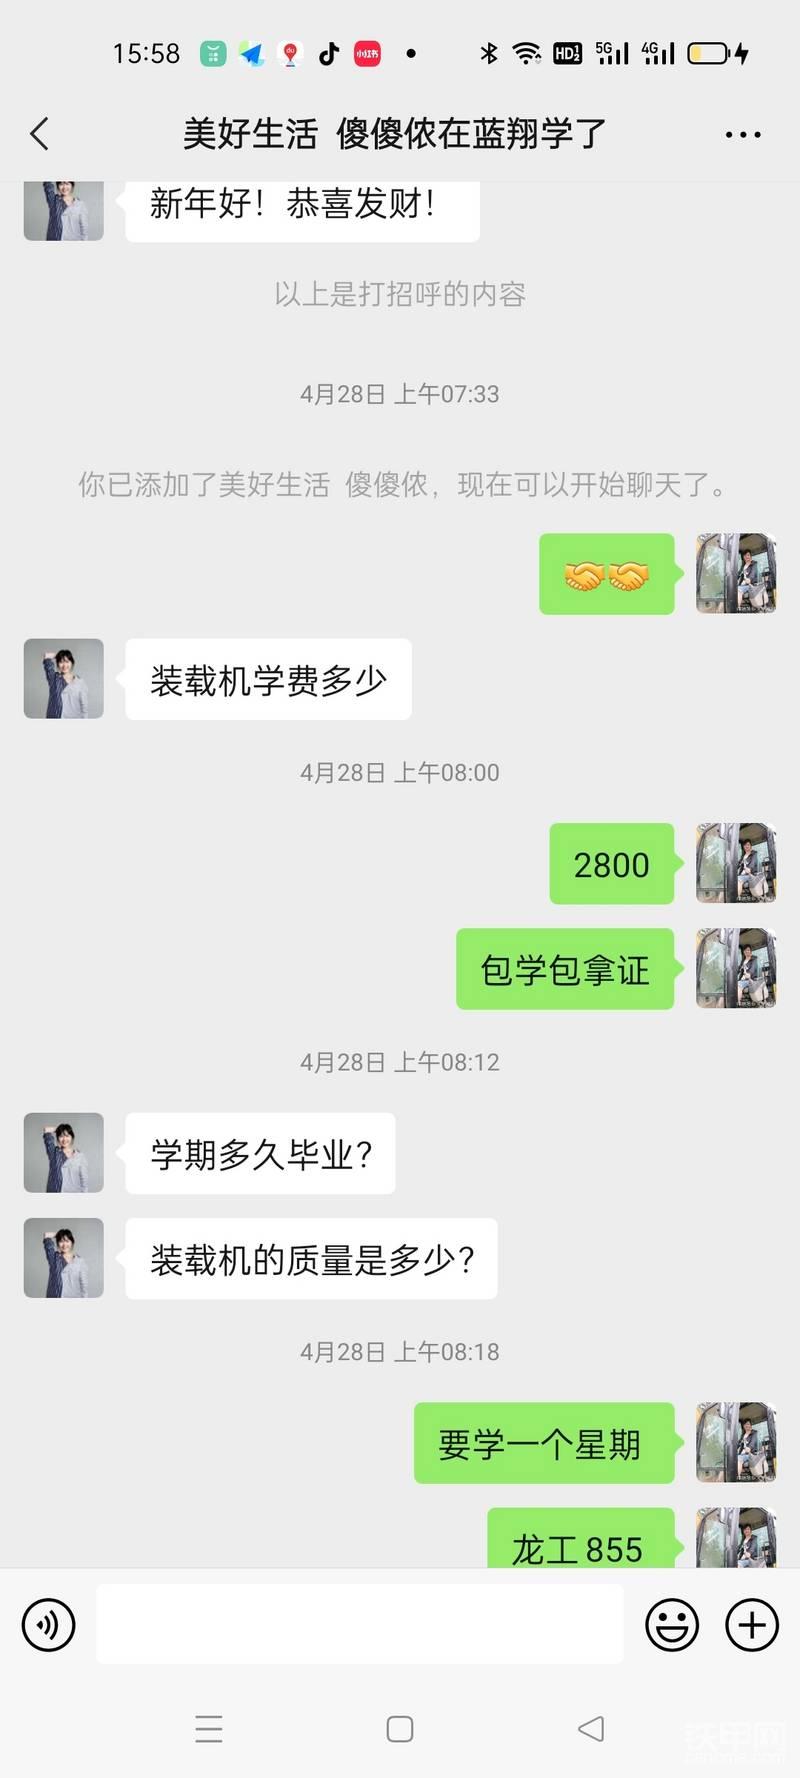 深圳去南翔挖掘機培訓學校上當受騙-帖子圖片